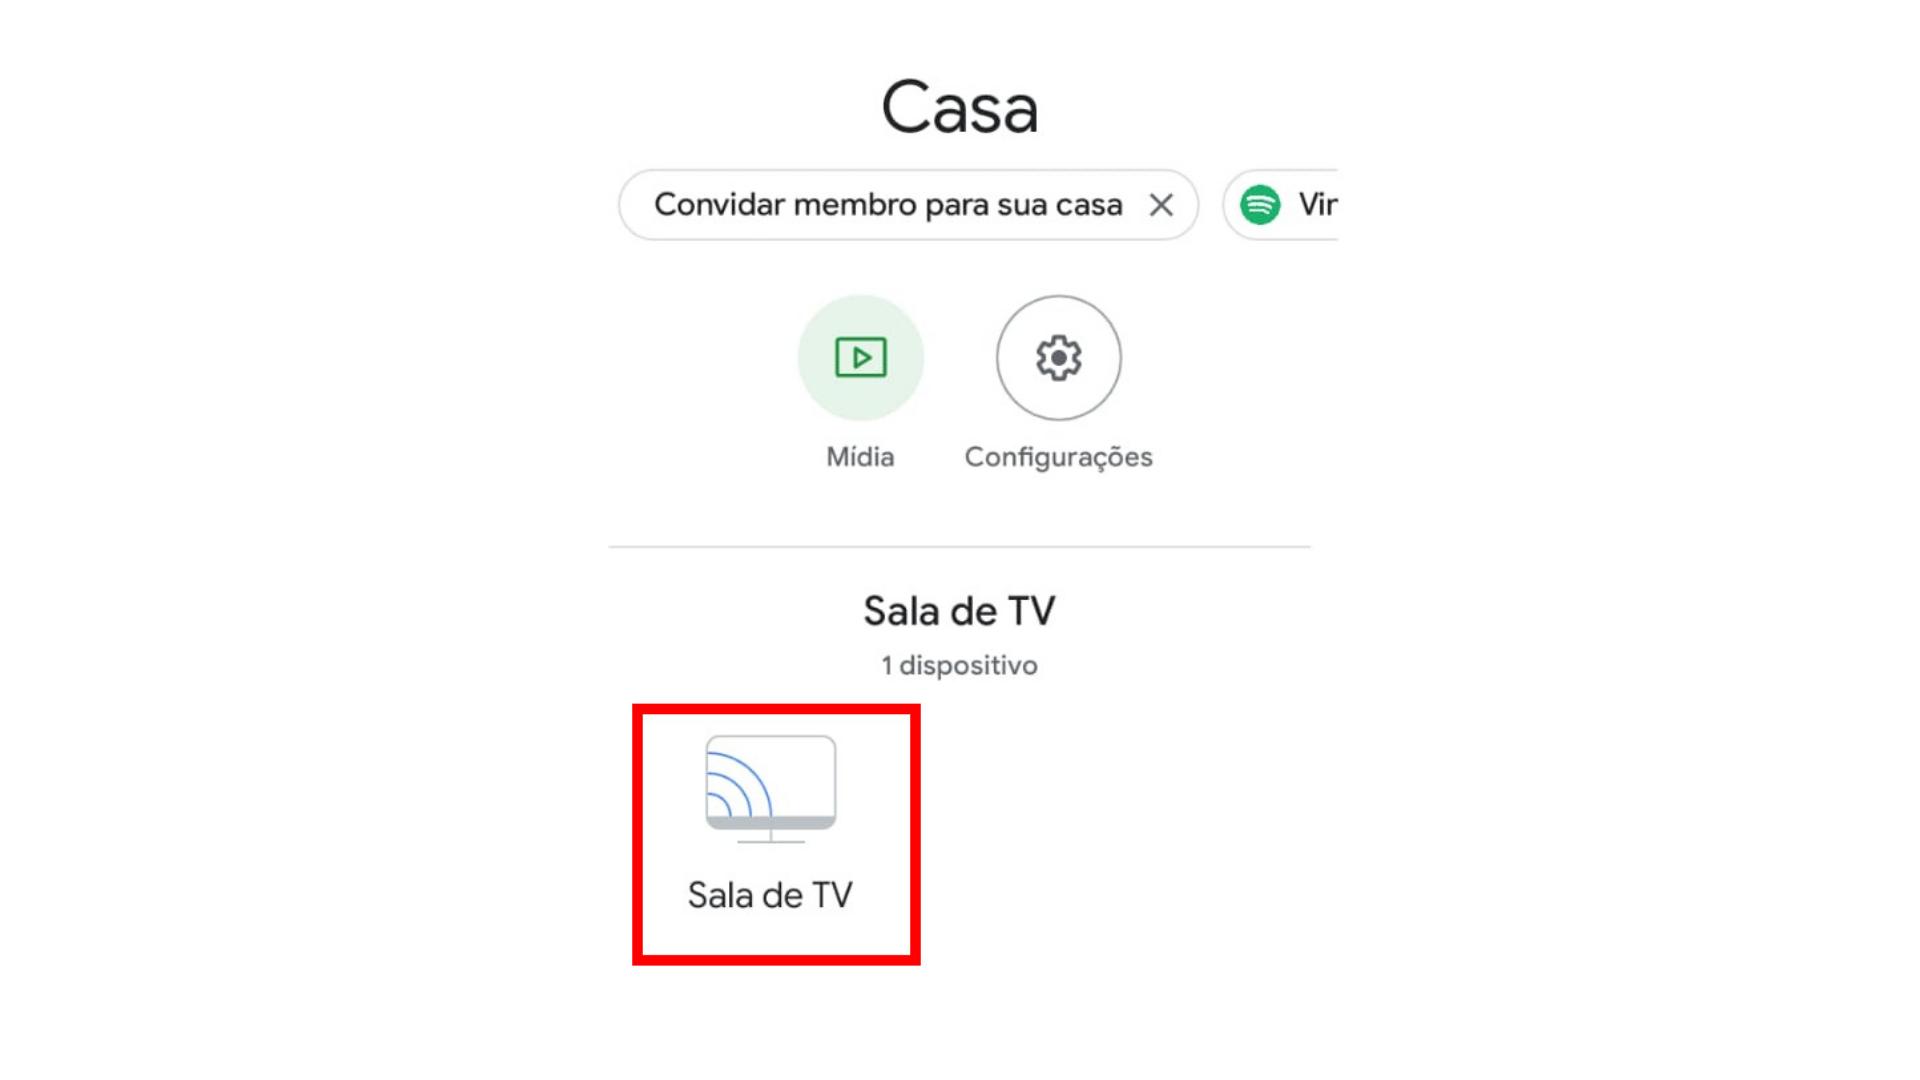 Décimo segundo passo para configurar Chromecast. (Imagem: Captura de tela/Chromecast)